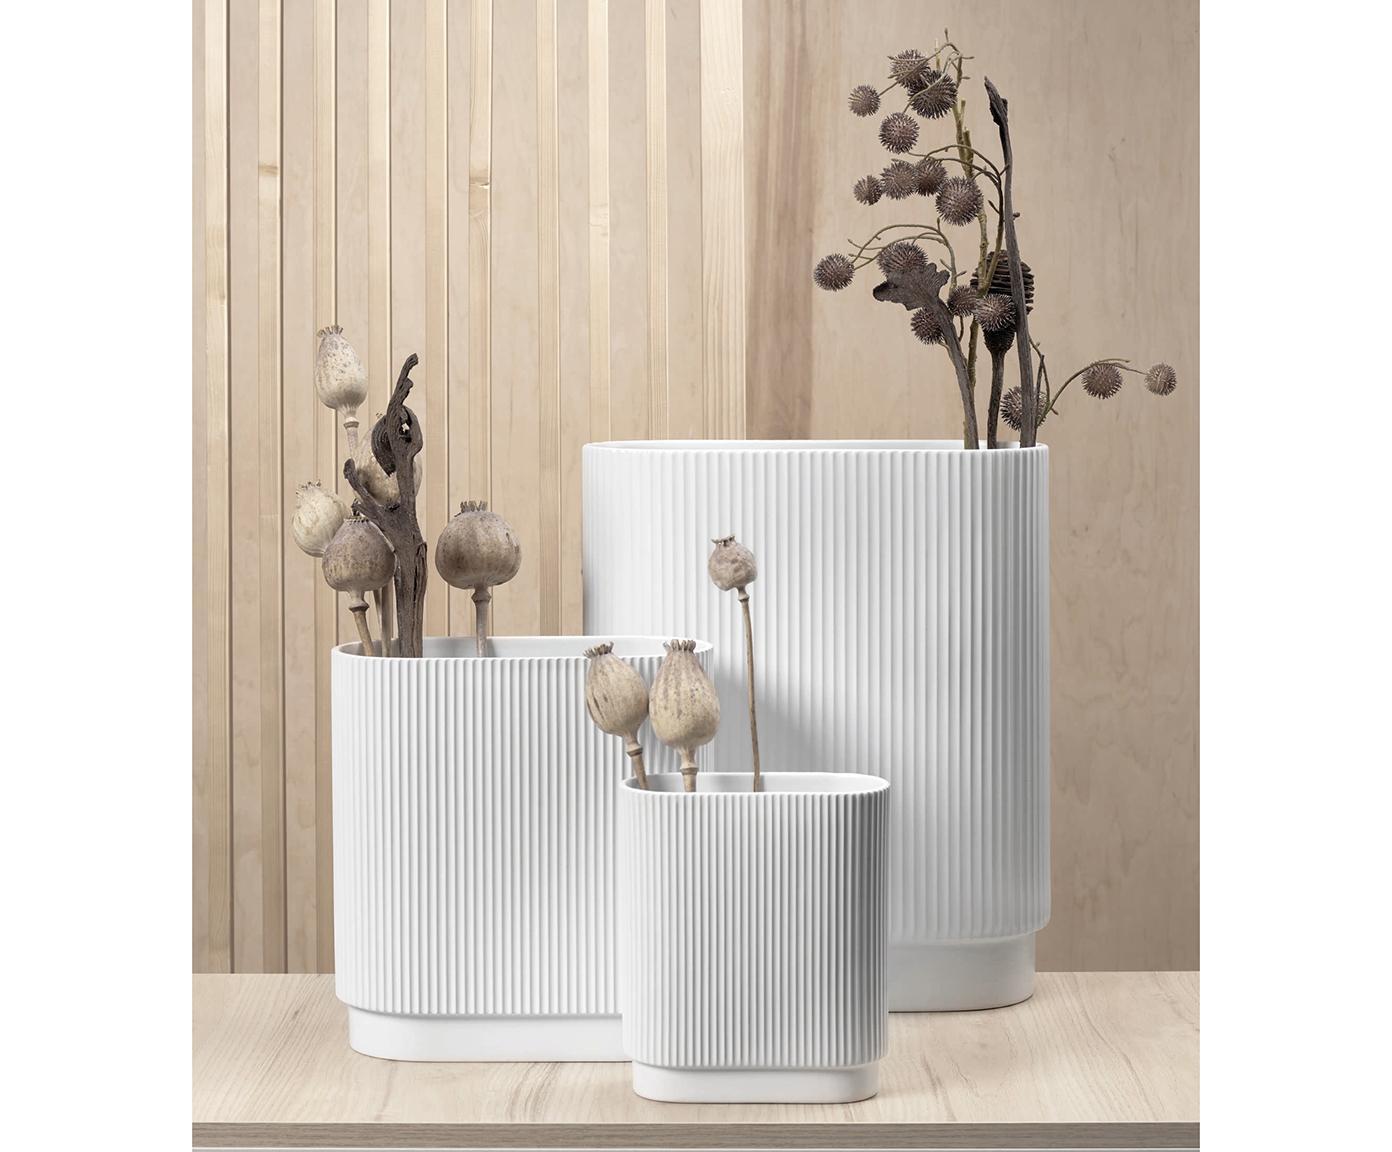 Große Vase Art Deco aus Porzellan, Porzellan, Weiß, 26 x 27 cm